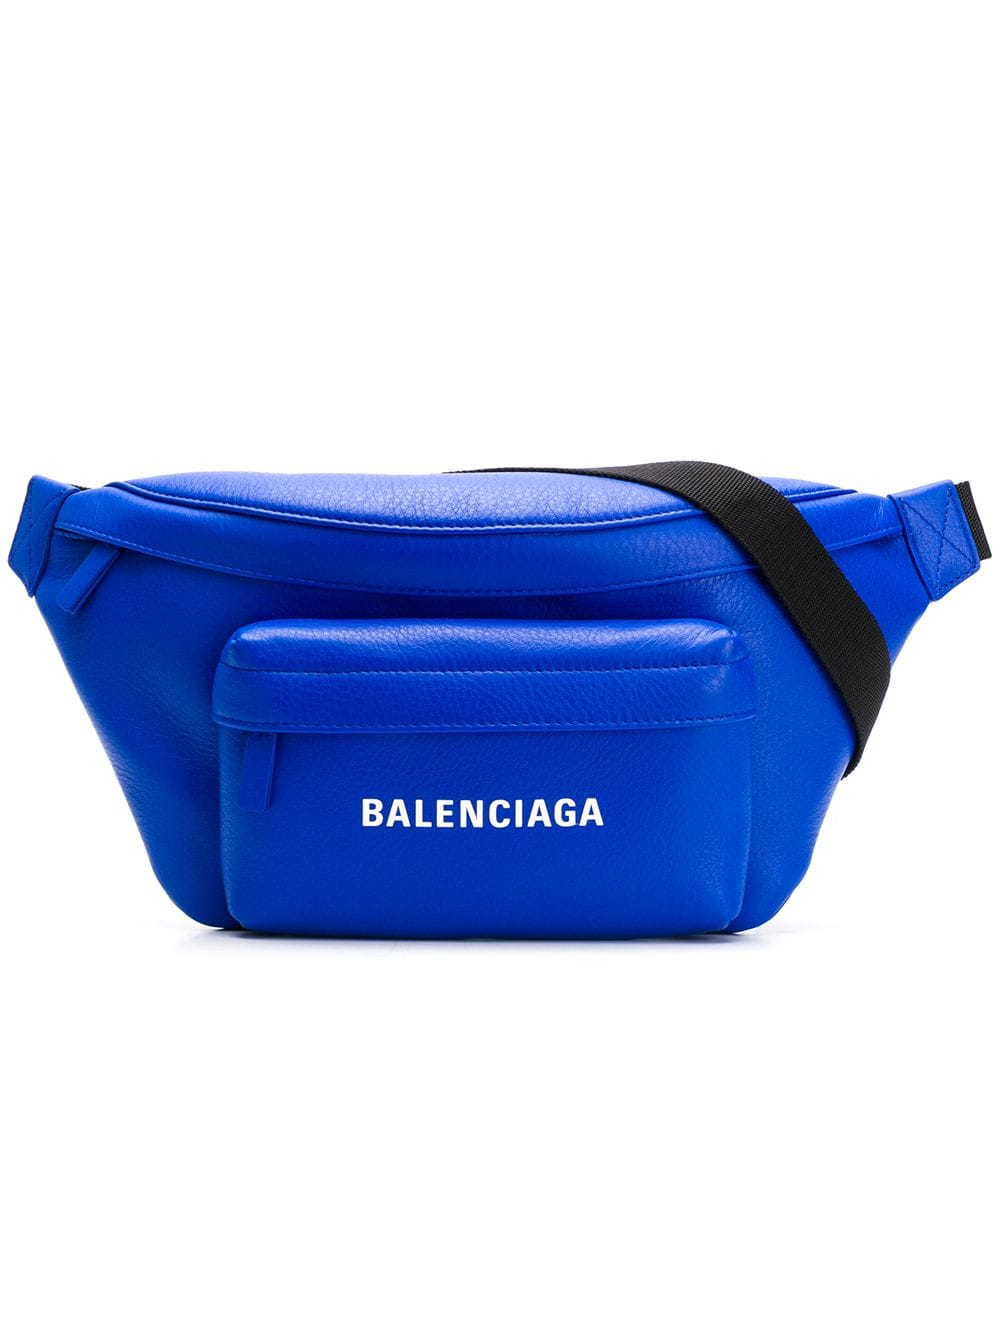 Balenciaga 'Everyday' Gürteltasche mit Logo - Blau